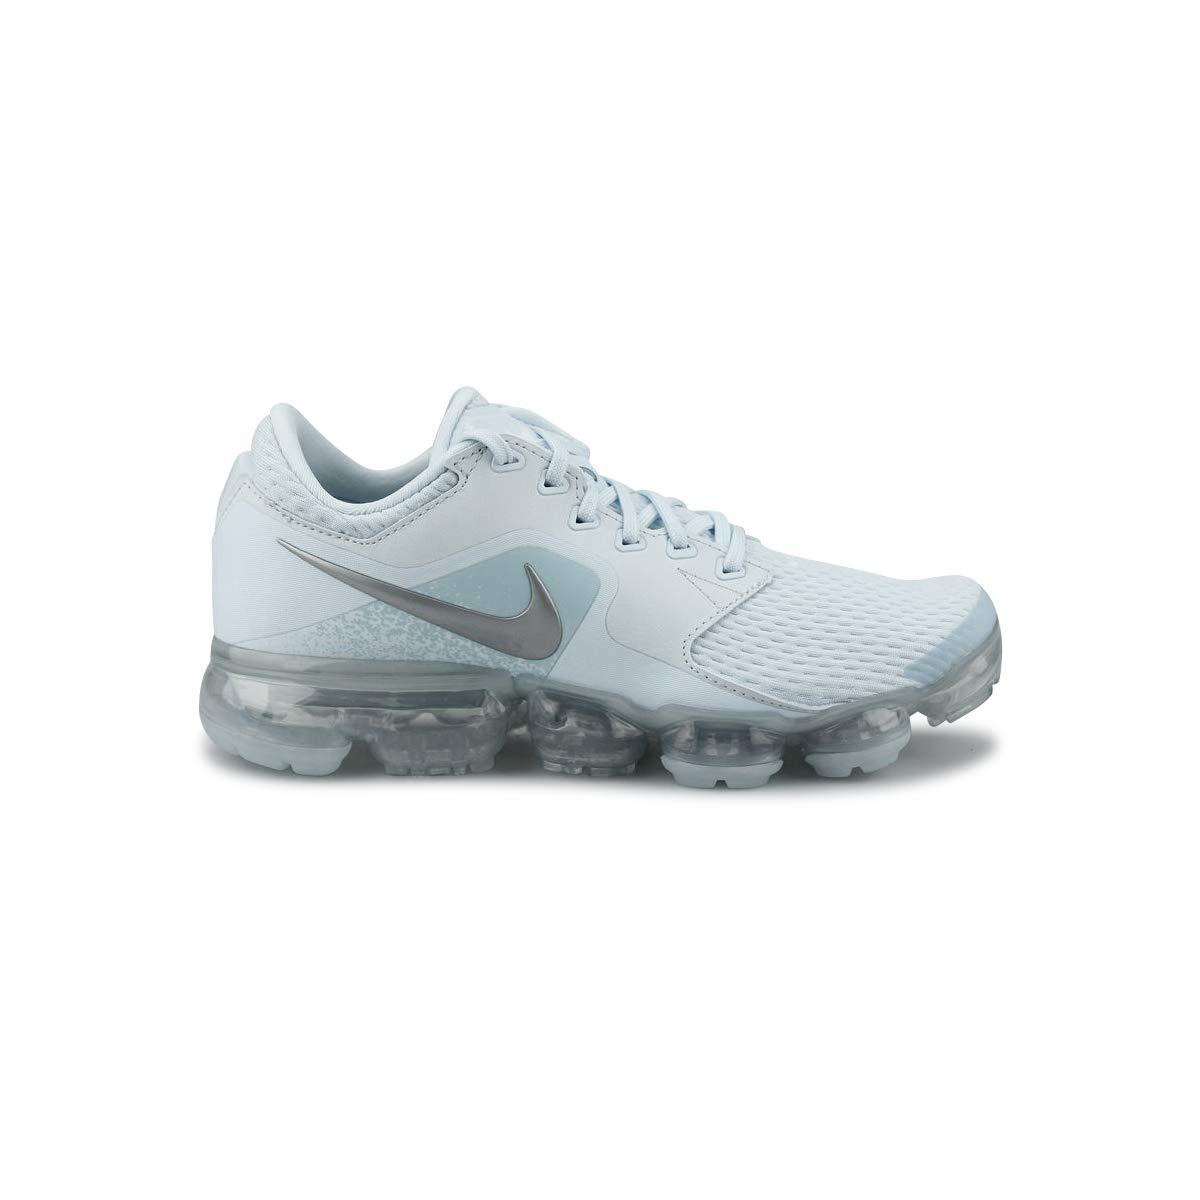 Nike Damen Air Vapormax Vapormax Vapormax (Gs) Laufschuhe dd000f